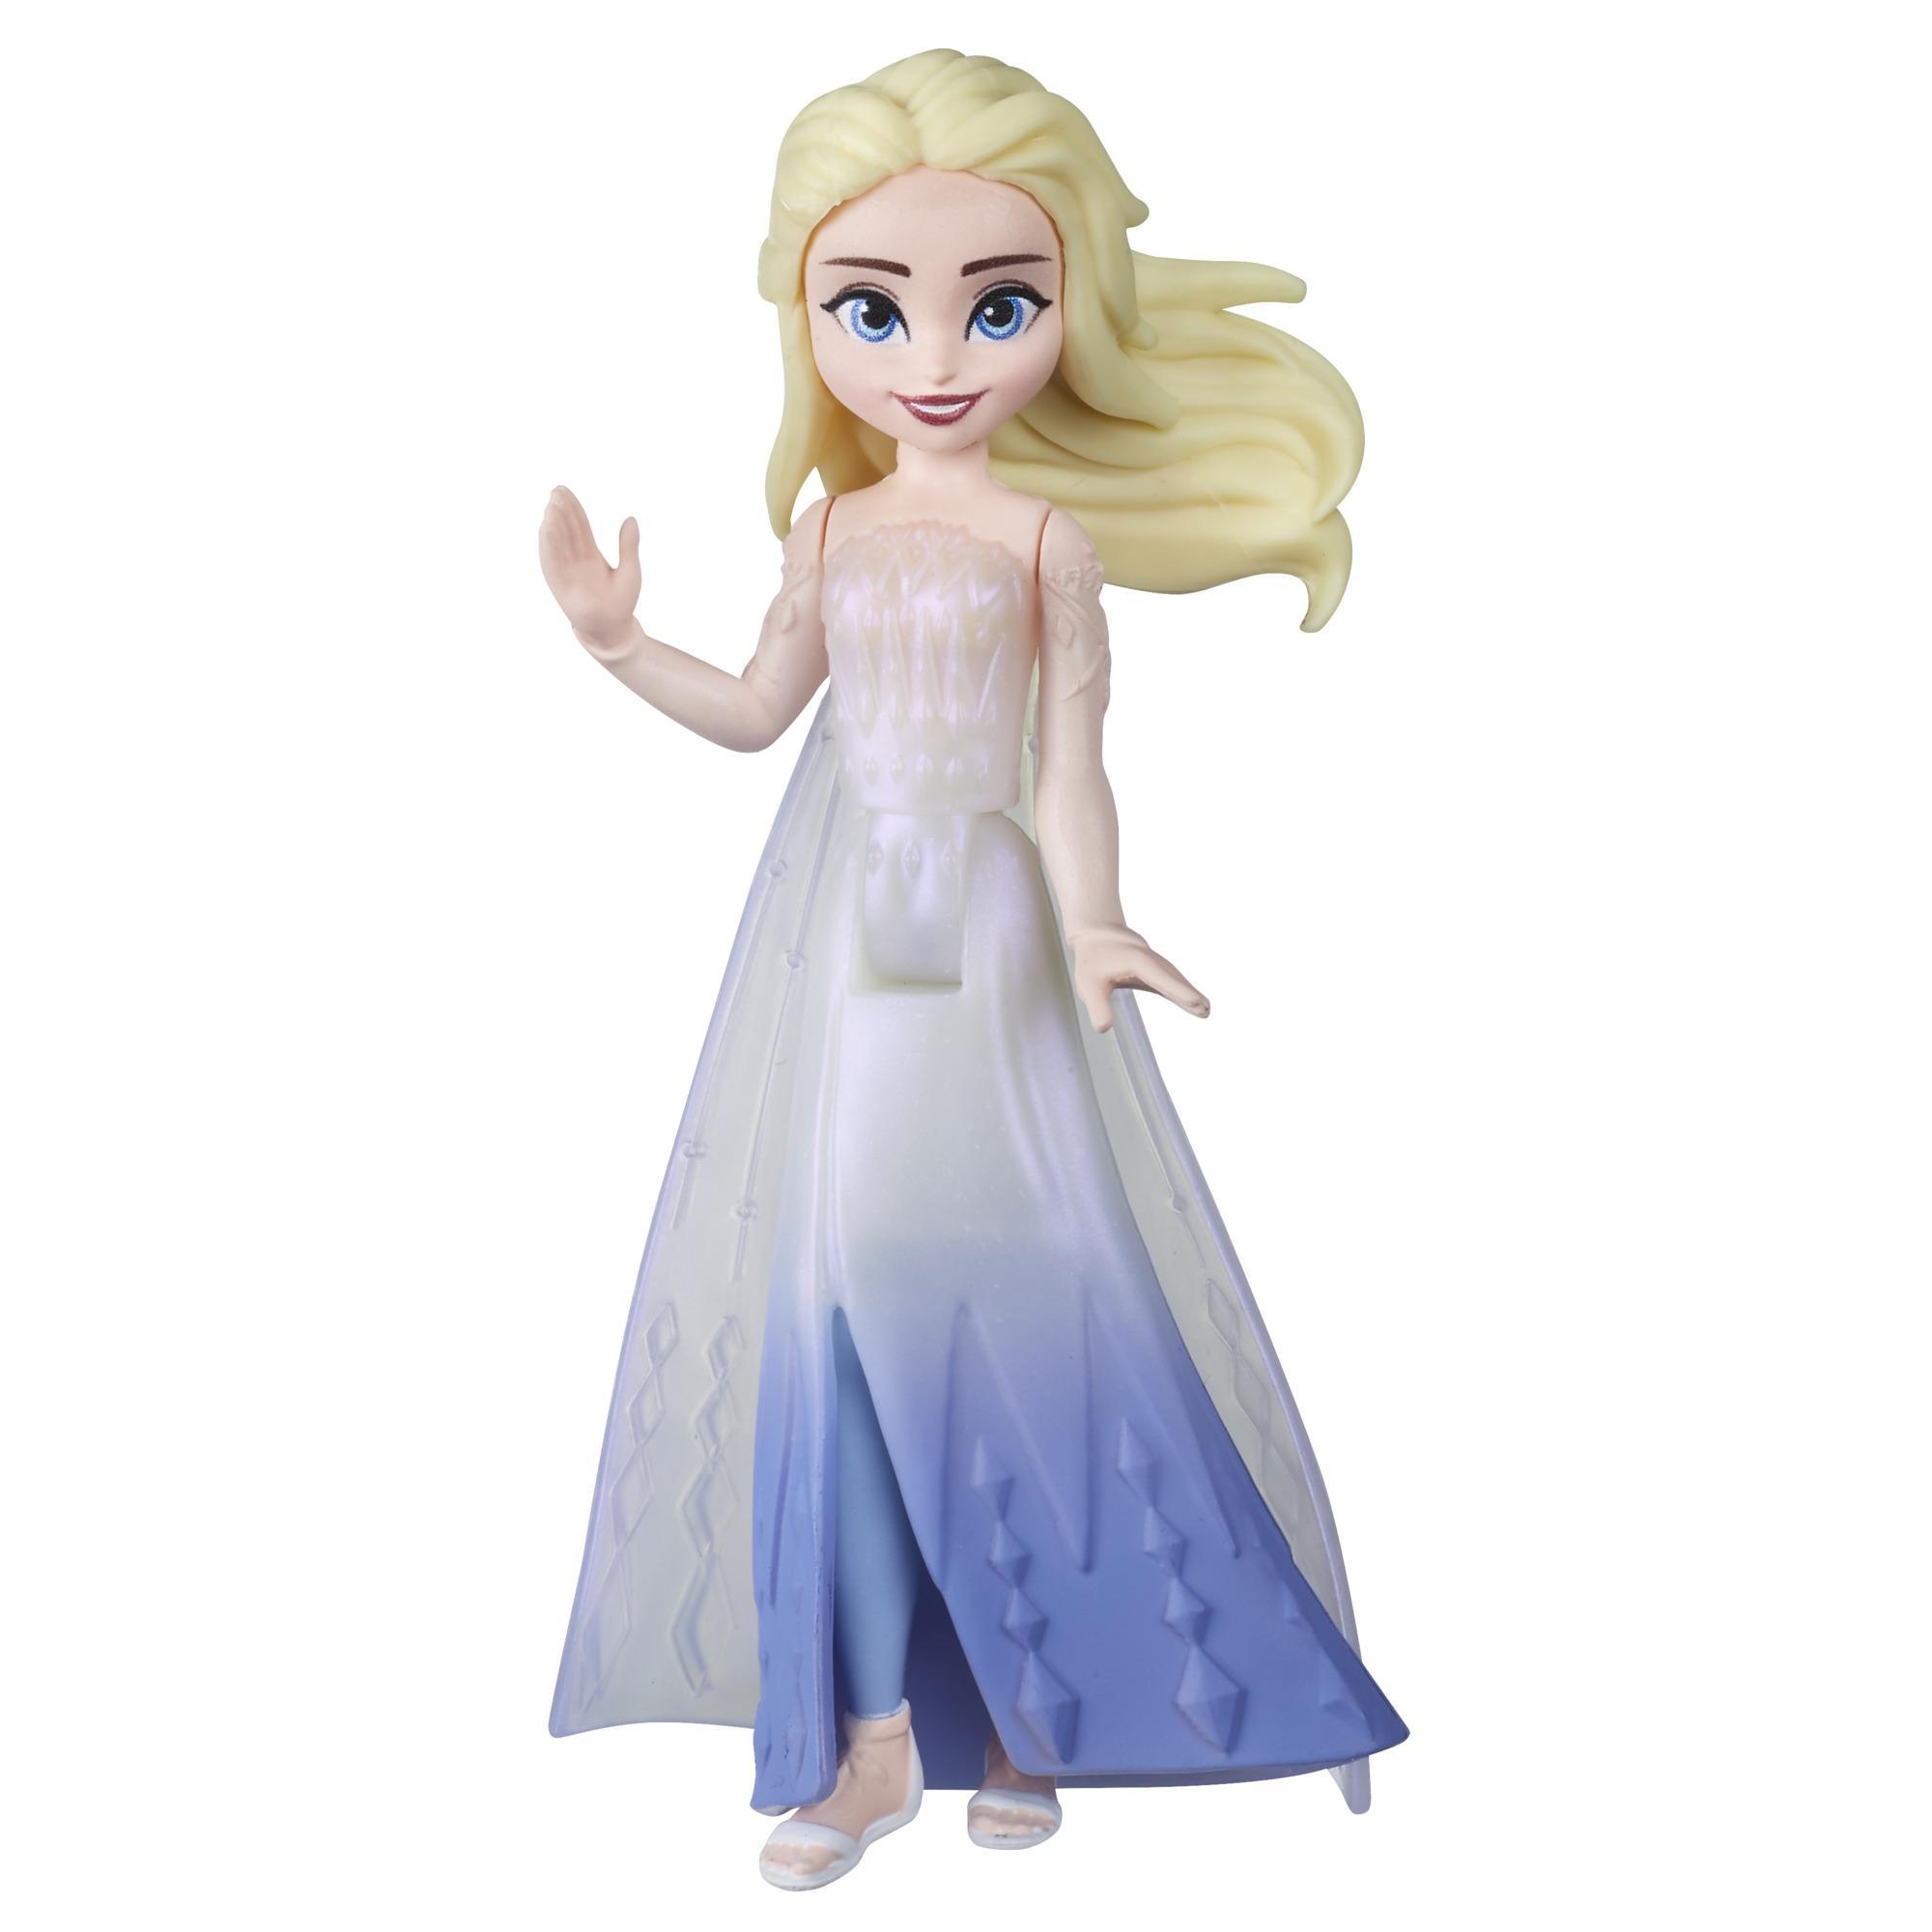 Disney Frozen 2 Kraliçe Elsa Küçük Figür